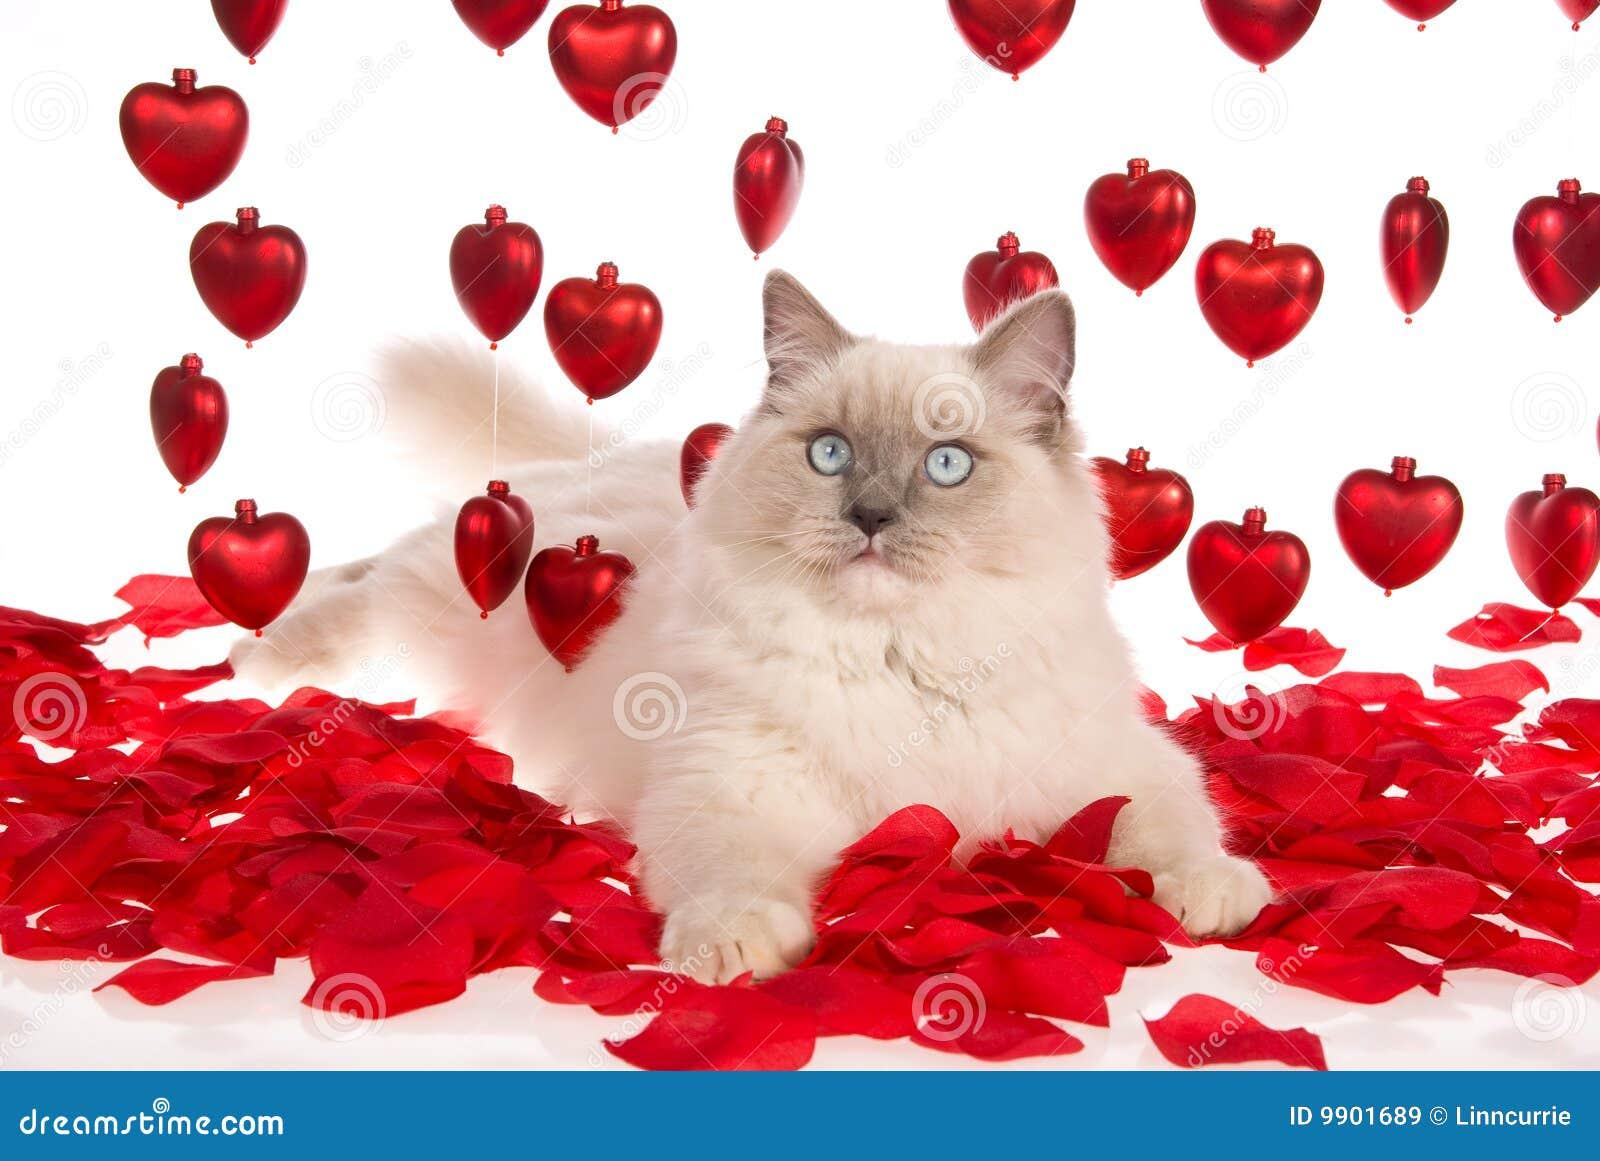 Gatto di ragdoll con i petali di rosa rossi ed i cuori for Immagini di cuori rossi